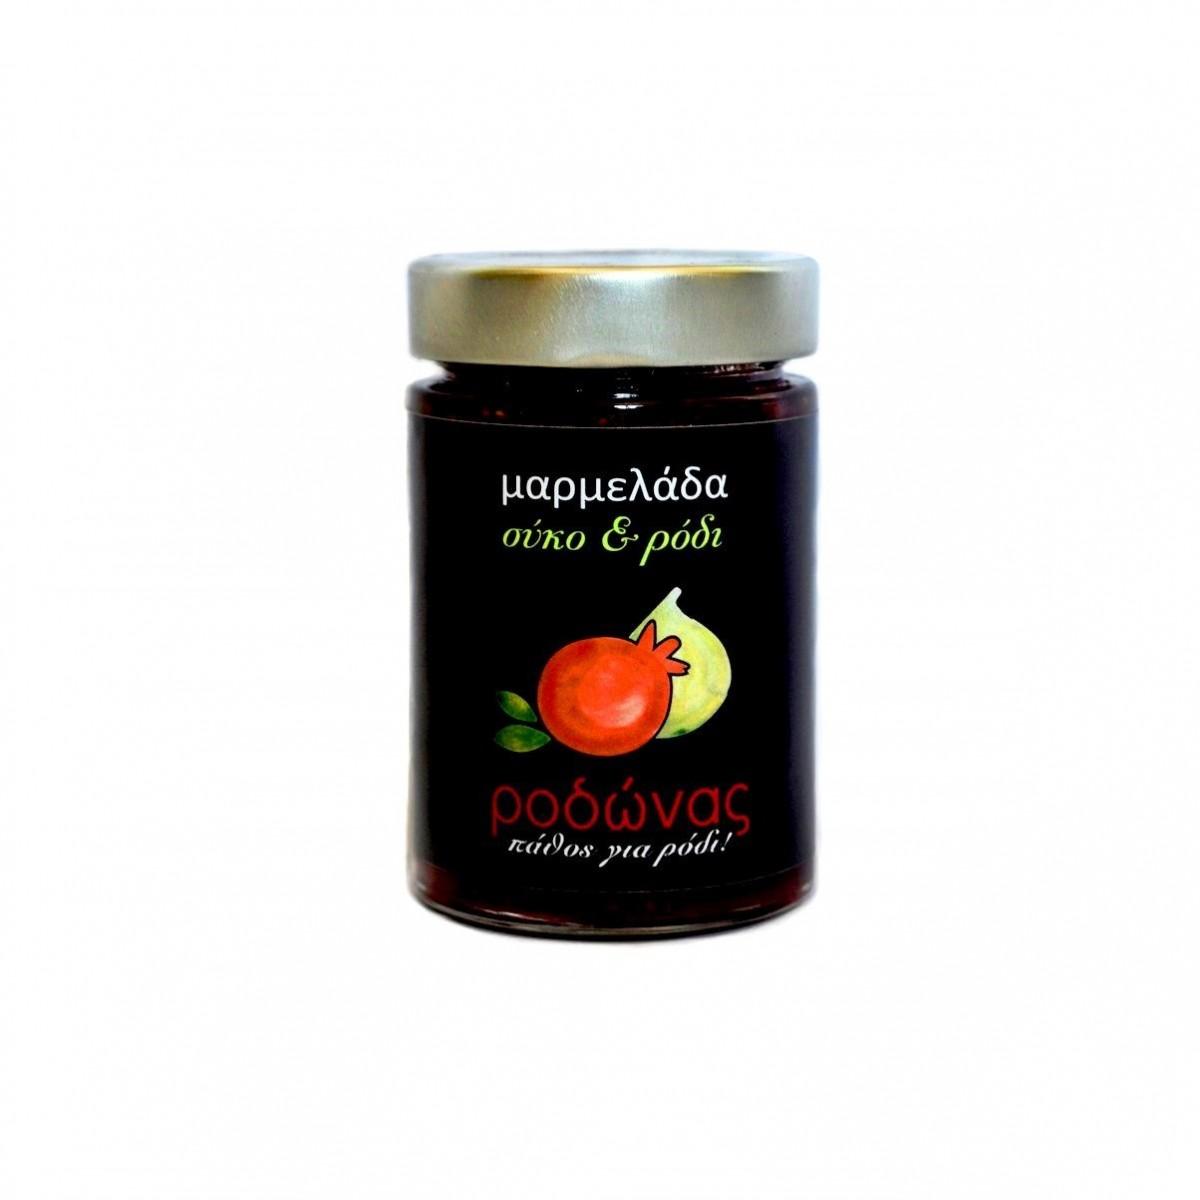 marmelade fig pomM 1202x1202